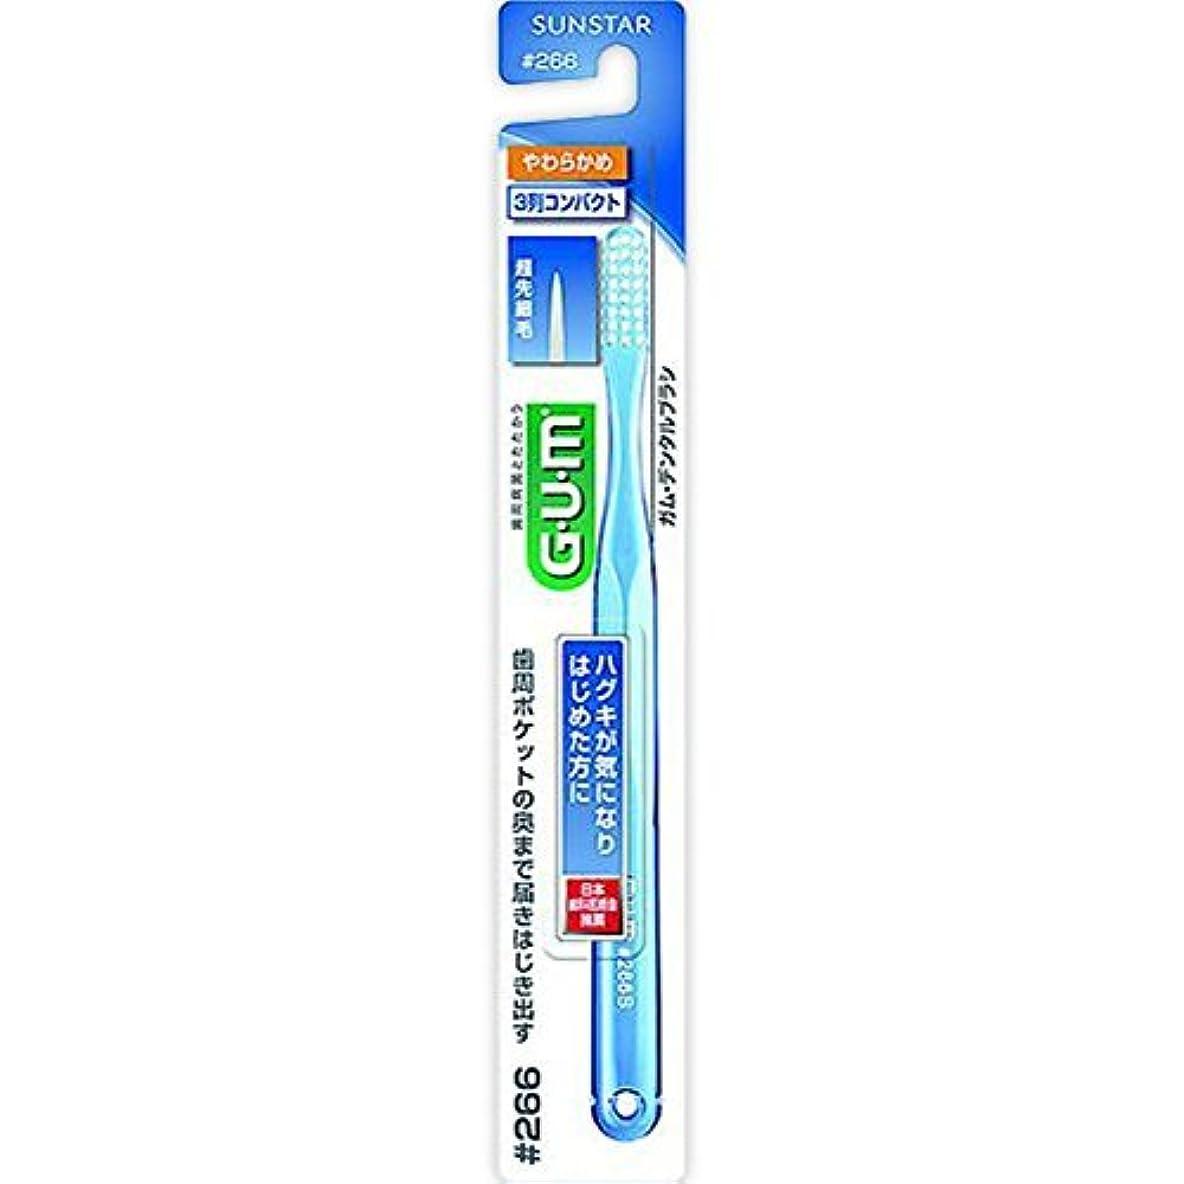 スマッシュ強化証明書【まとめ買い】GUM デンタルブラシ コンパクトヘッド ウルトラソフト #266 ×2セット